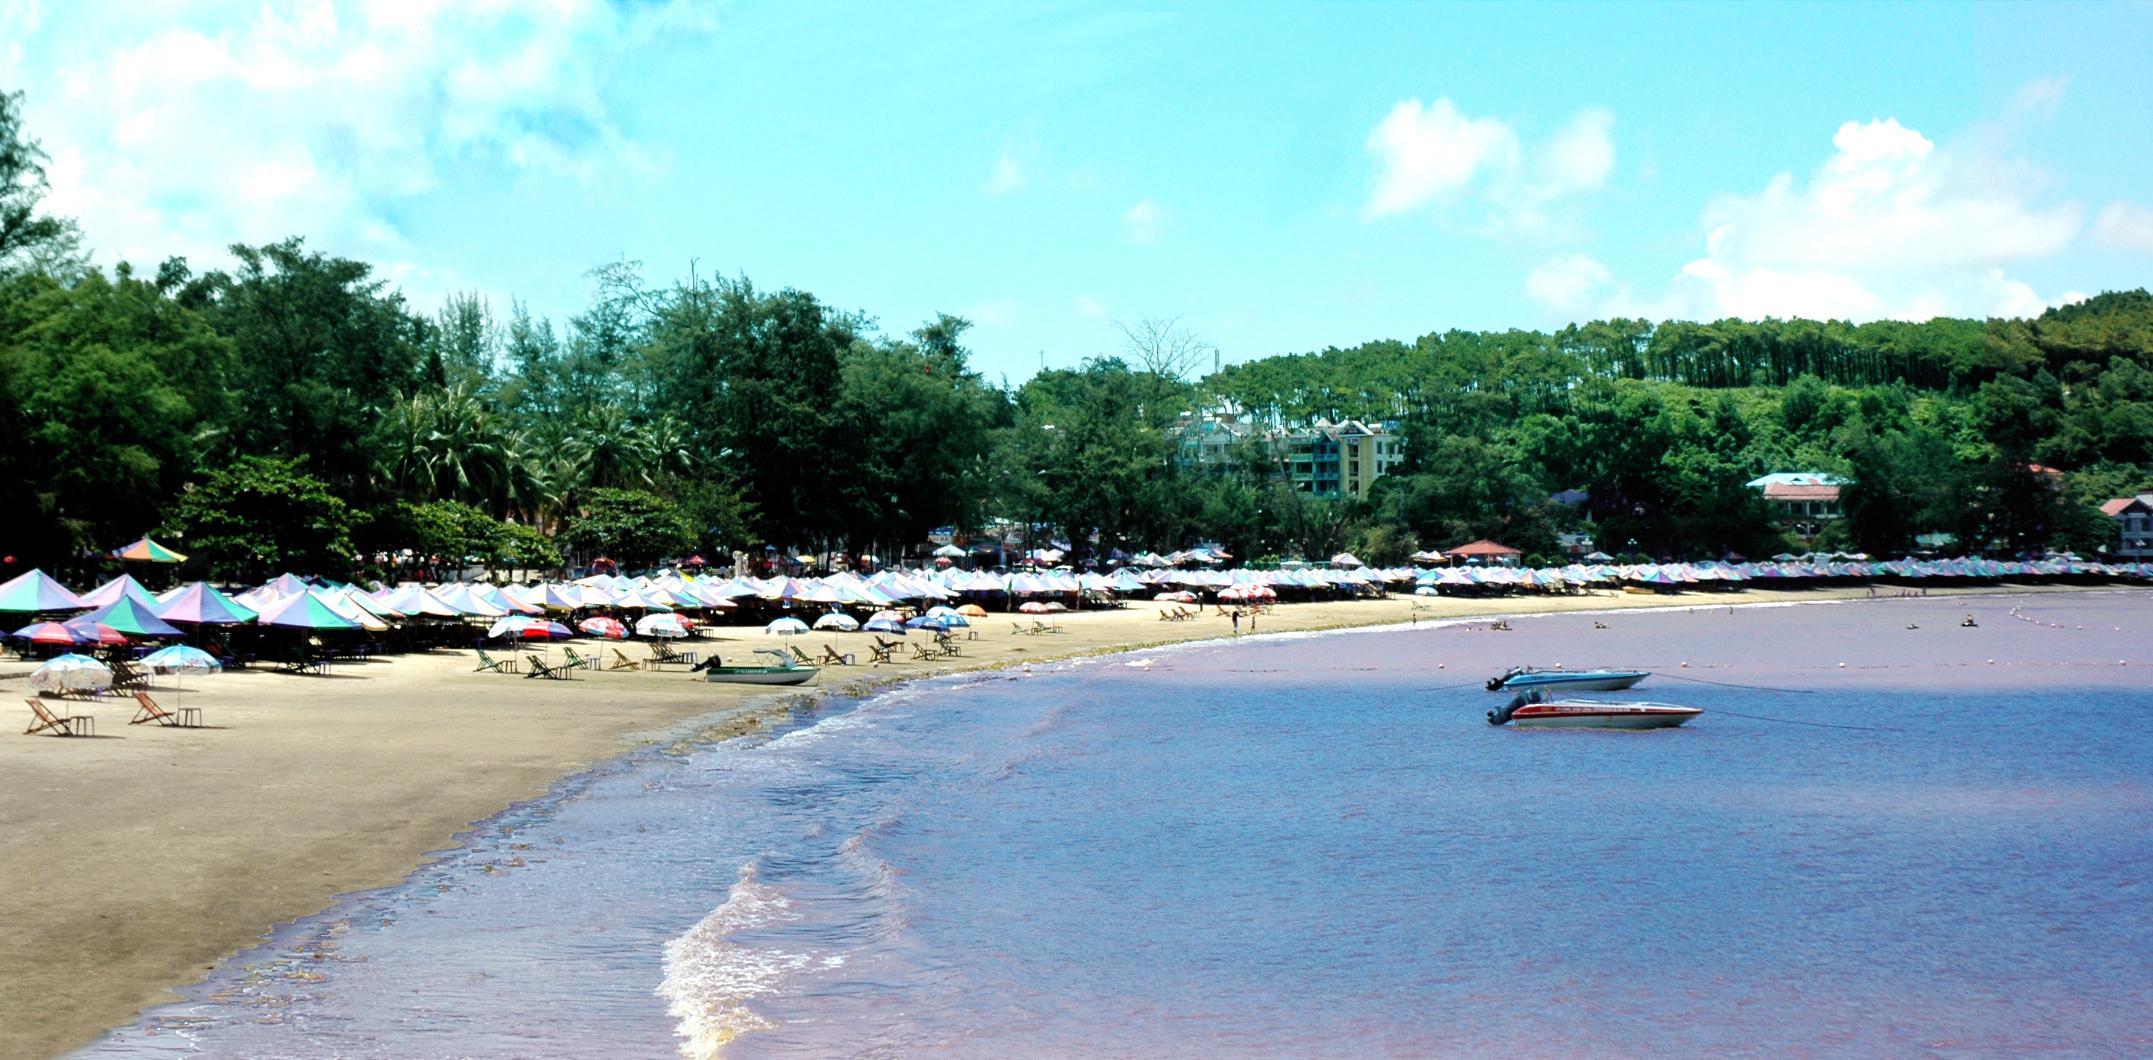 Hàng năm, Đồ Sơn thu hút đông đảo khách du lịch trong và ngoài nước